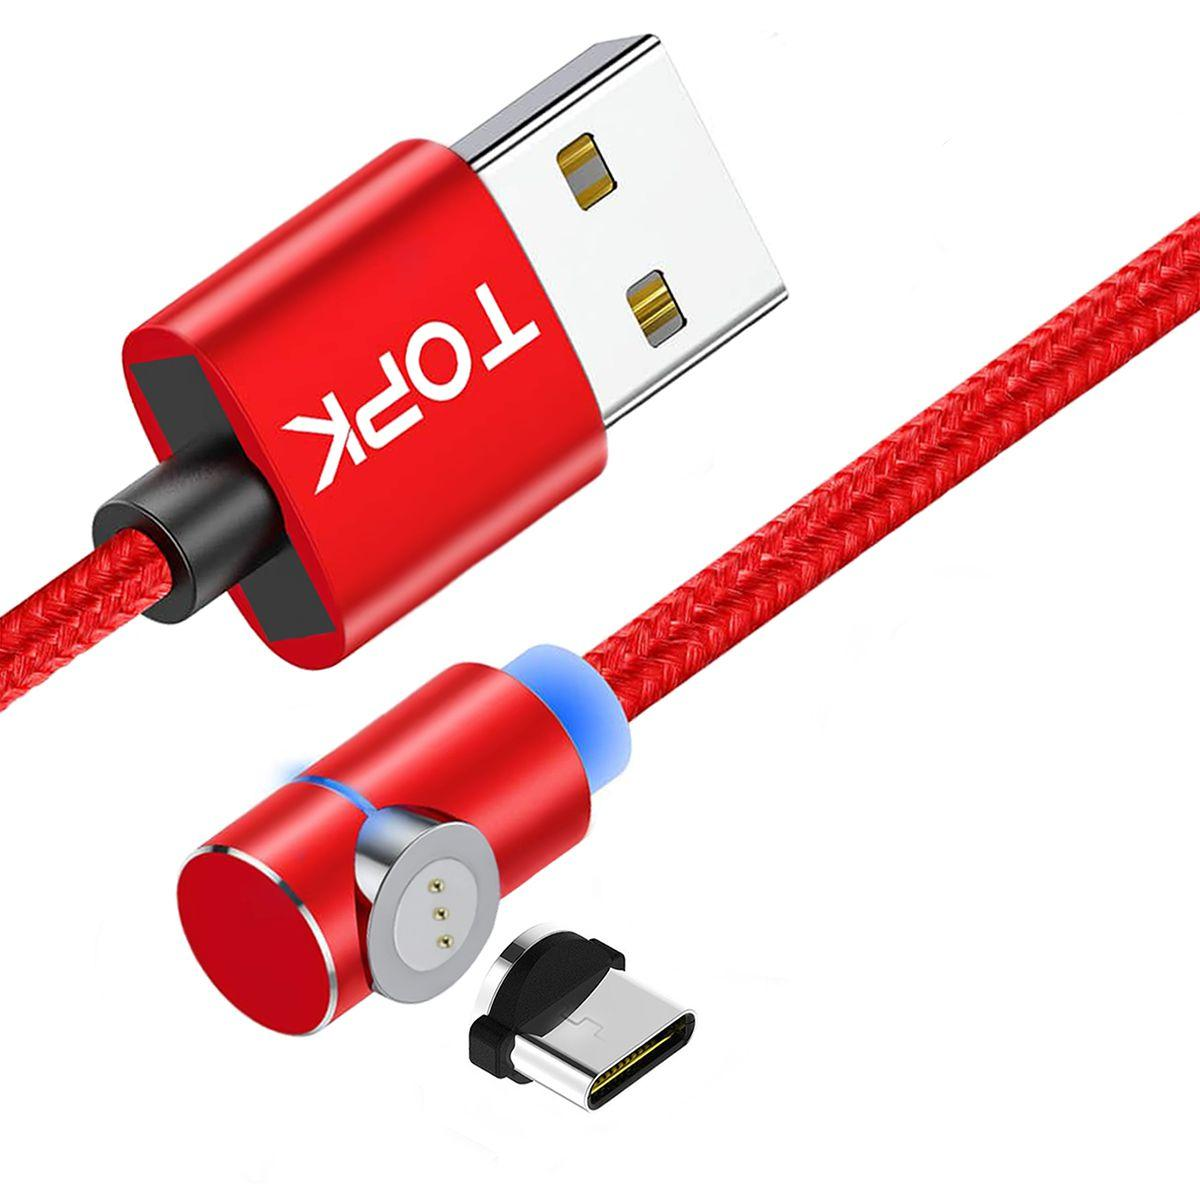 Магнитный кабель TOPK (AM69) type C (SL 3A) для зарядки и передачи данных (100 см) Red